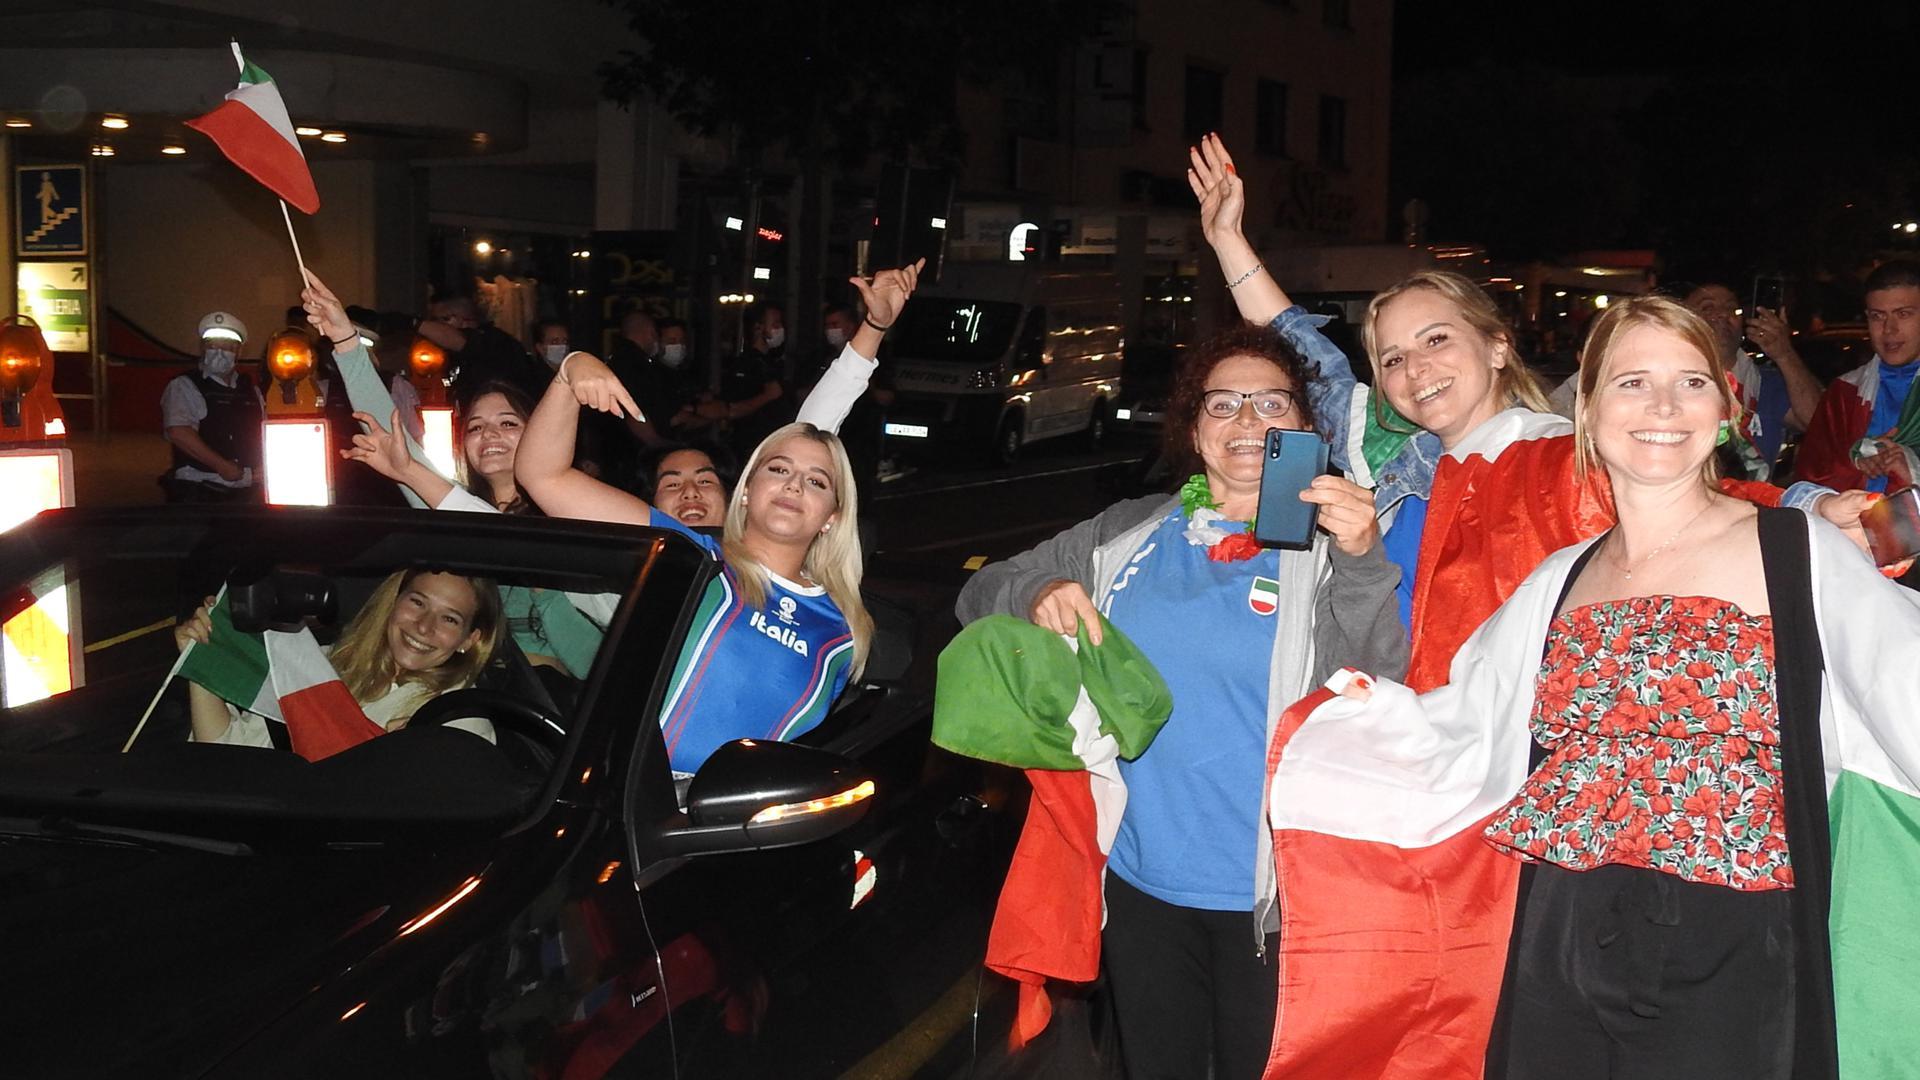 Im Cabrio oder zu Fuß: Italienische Fußballfans feiern in der Pforzheimer Innenstadt.